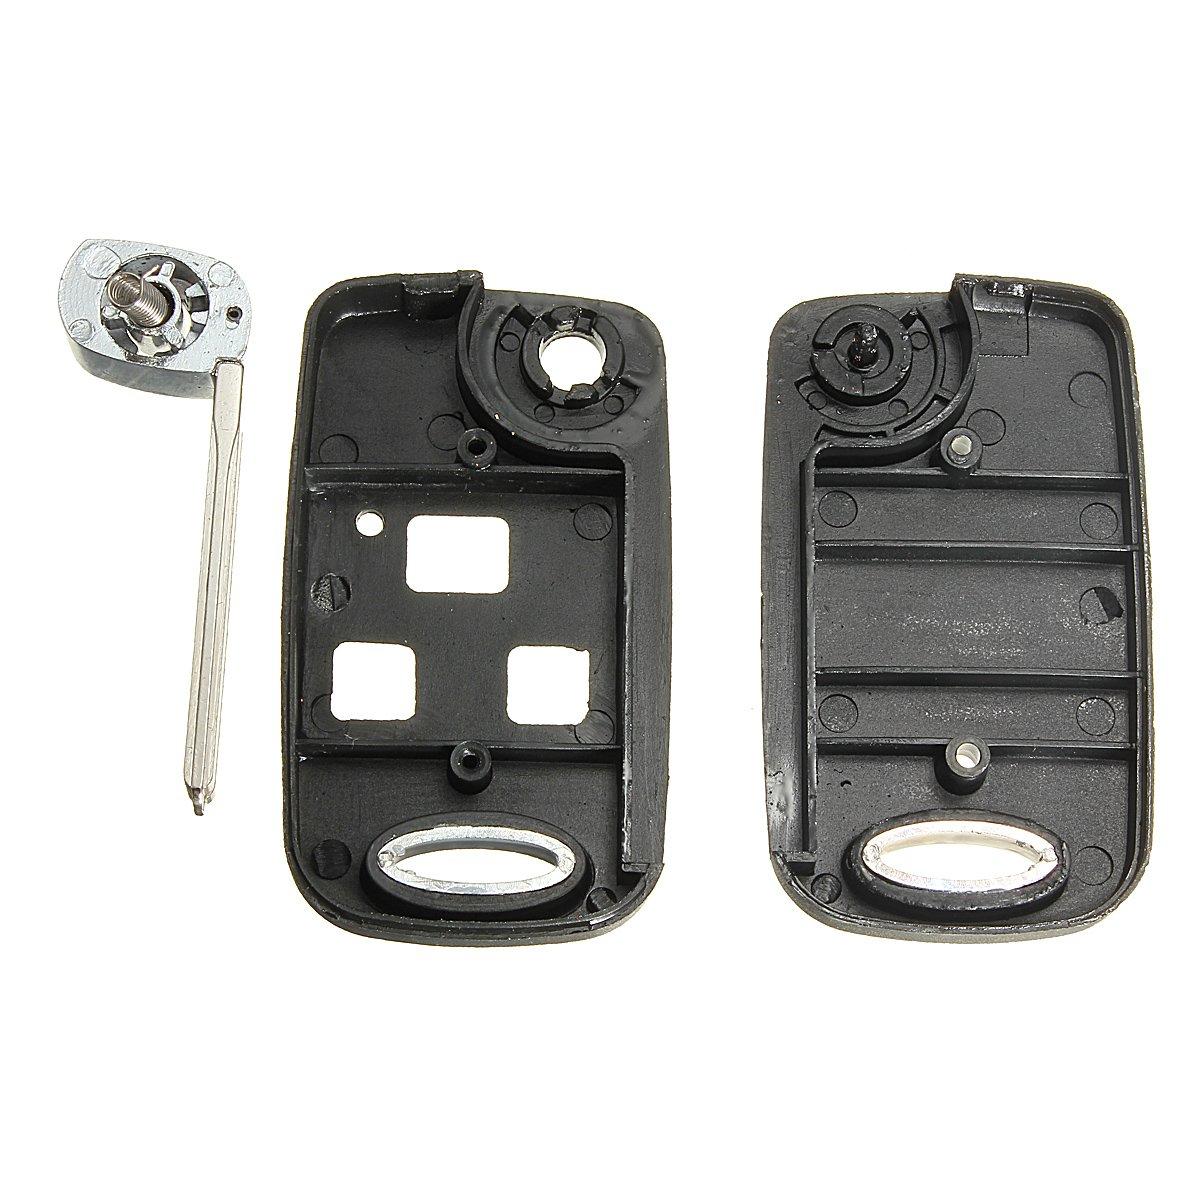 XZANTE Caso de Clave Remoto de 3 Botones de Conversion del tiron para Lexus IS200 LS400 RX300 GS300